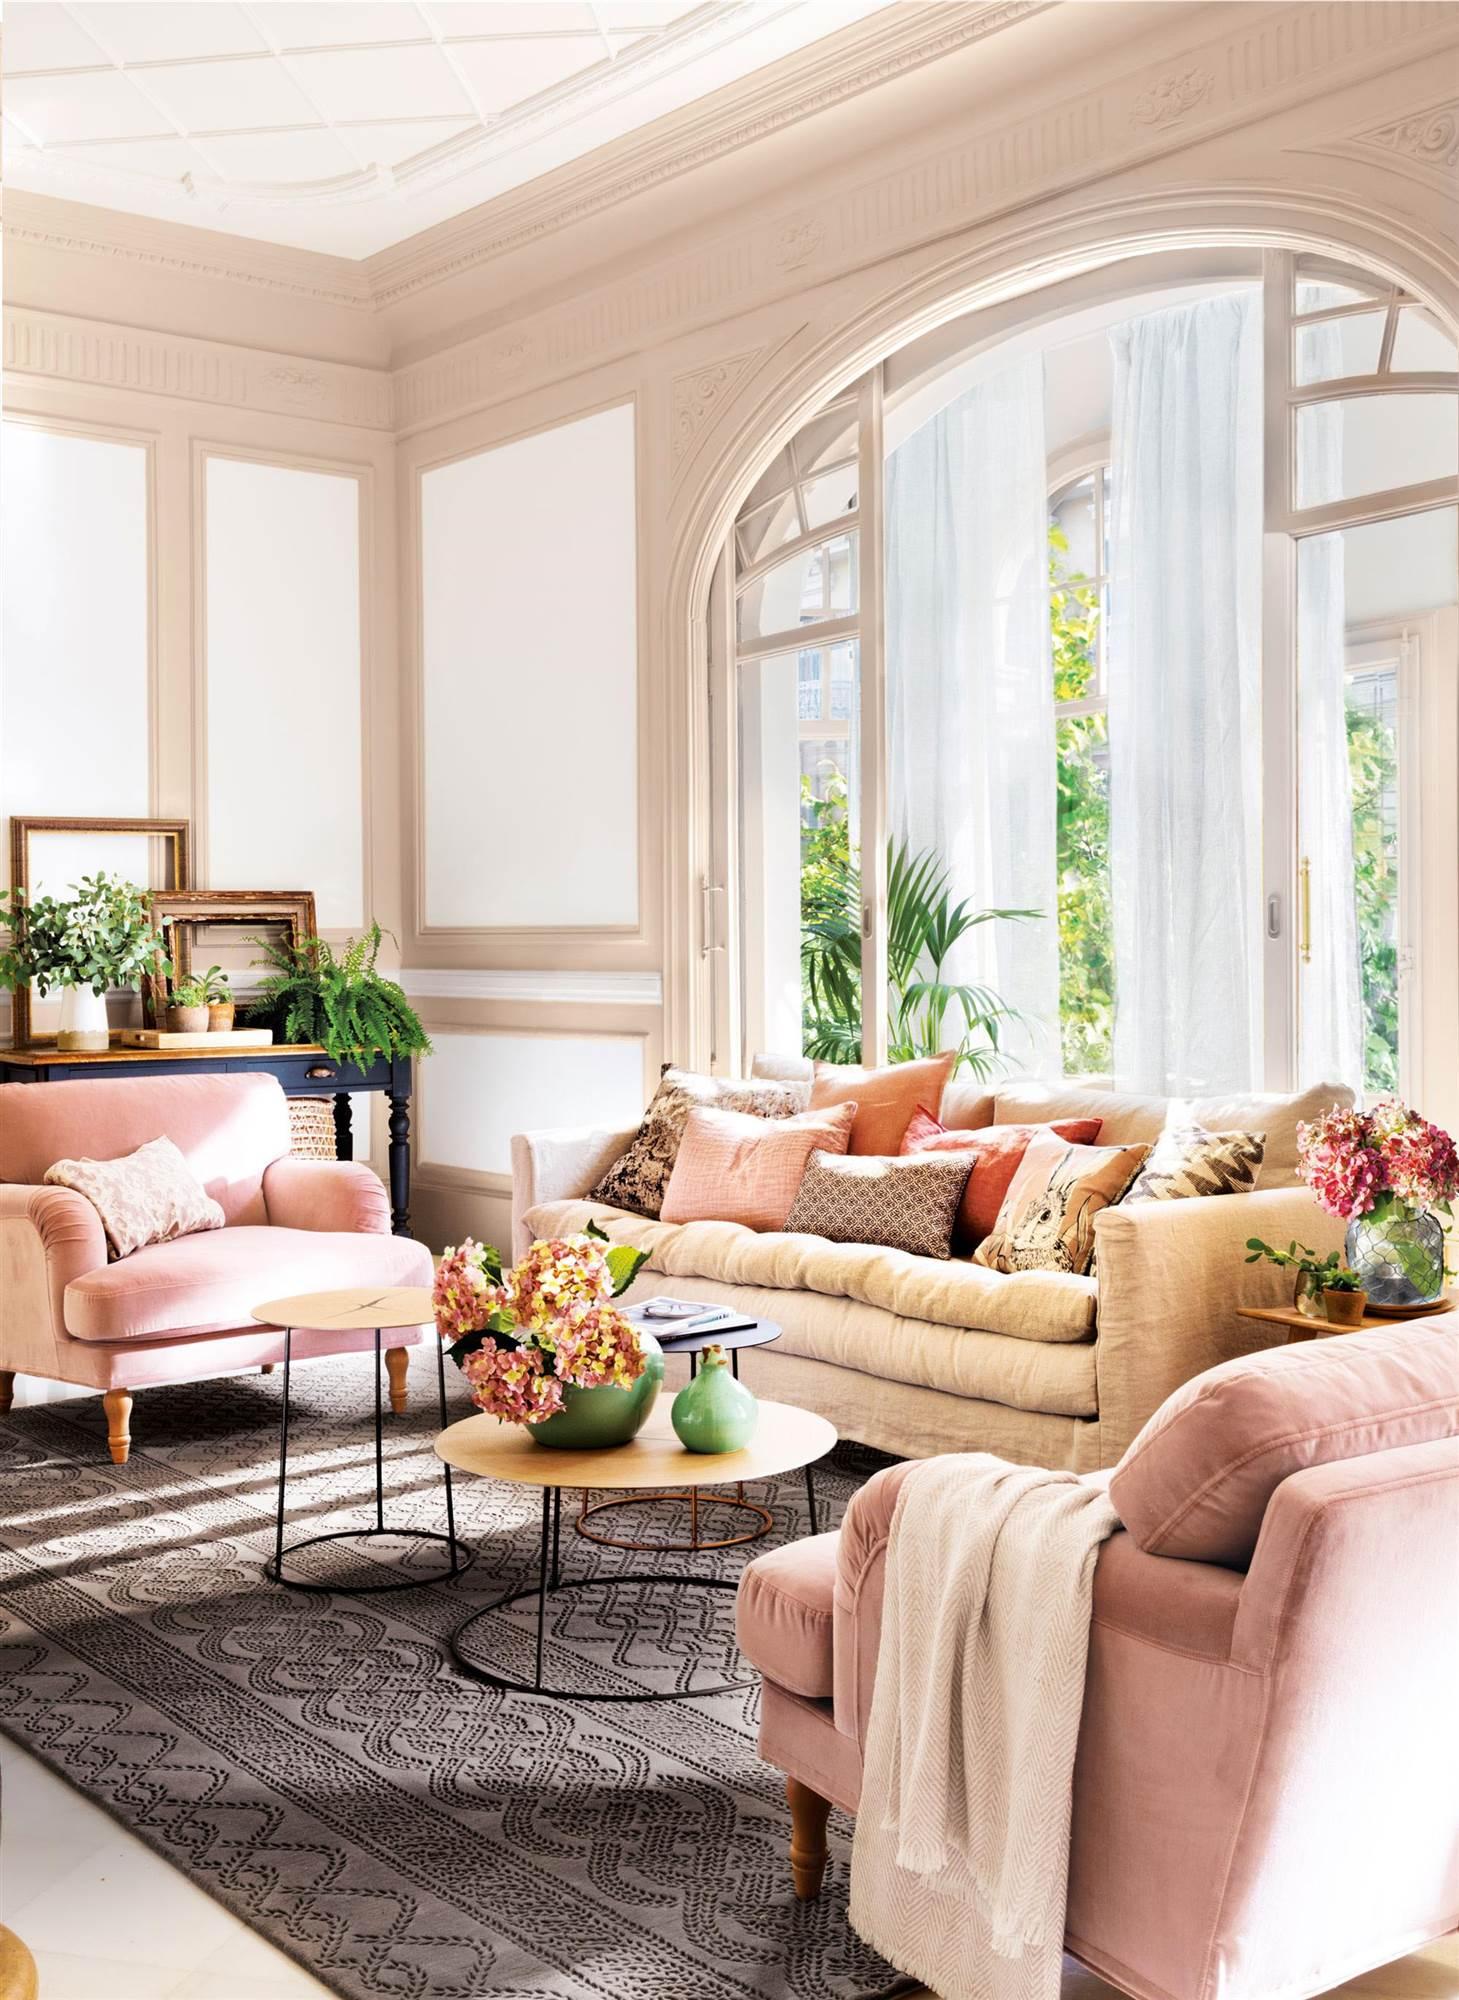 Paredes com molduras molduras pintadas para interiores nada clsicos molduras para techos - Molduras para paredes interiores ...